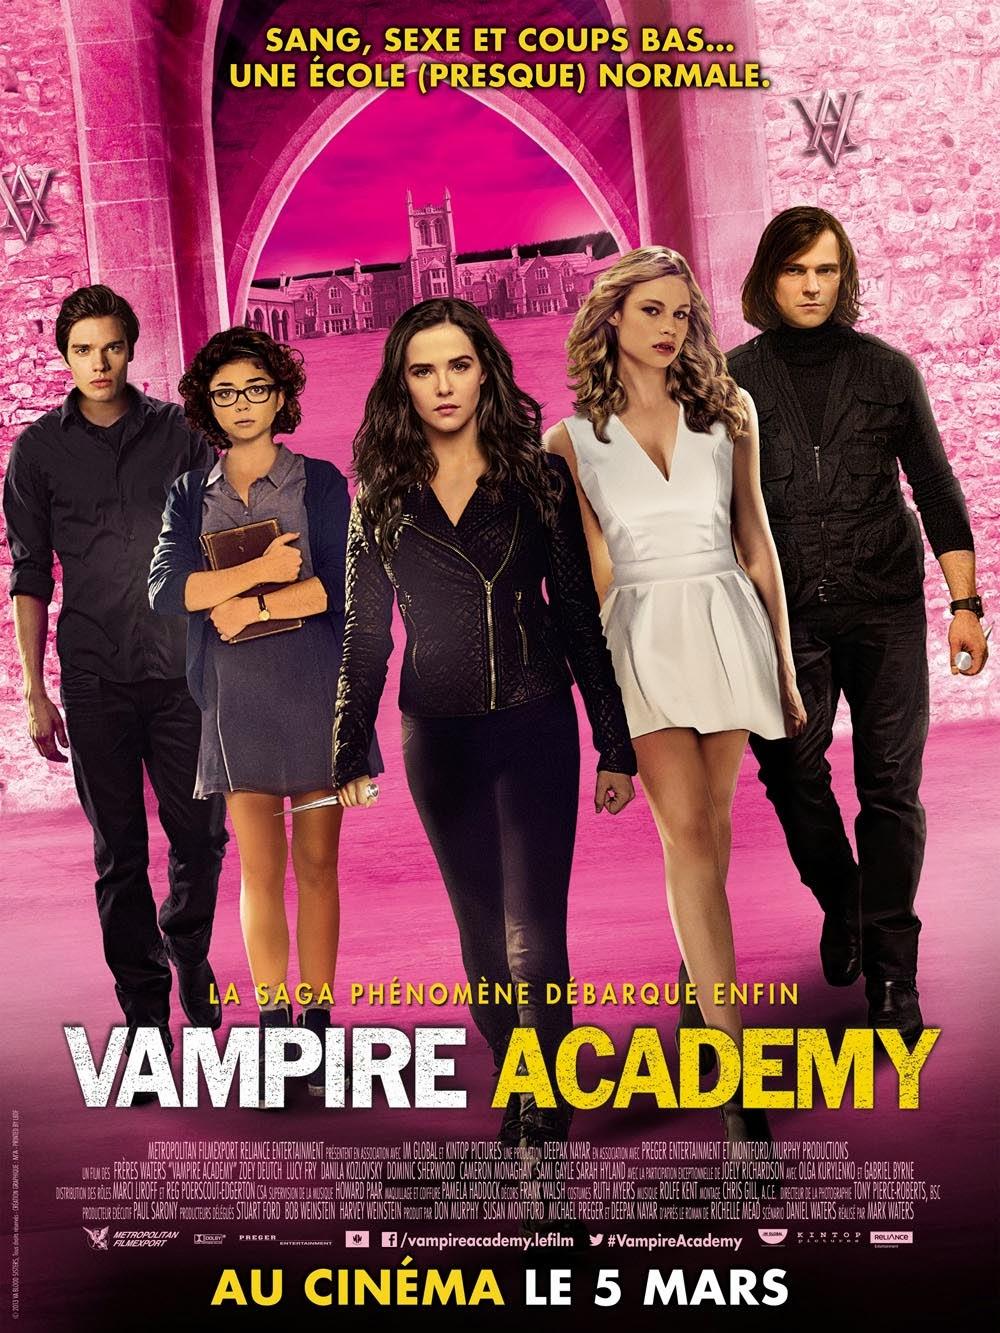 http://www.avoir-alire.com/IMG/jpg/vampire_academy-2.jpg